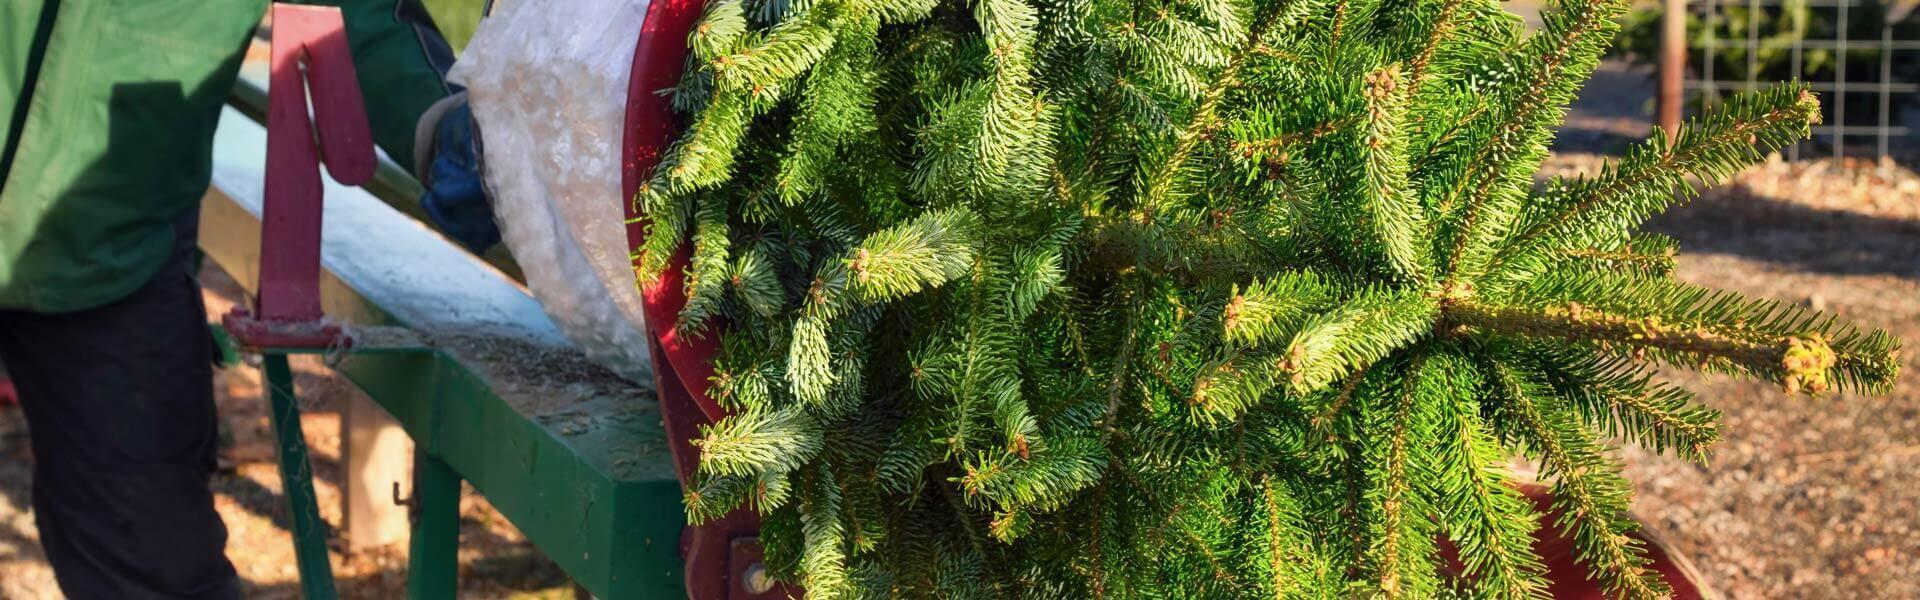 Tannenbaumschlagen auf dem Firmengelände als mobile Weihnachtsfeier Idee b-ceed events